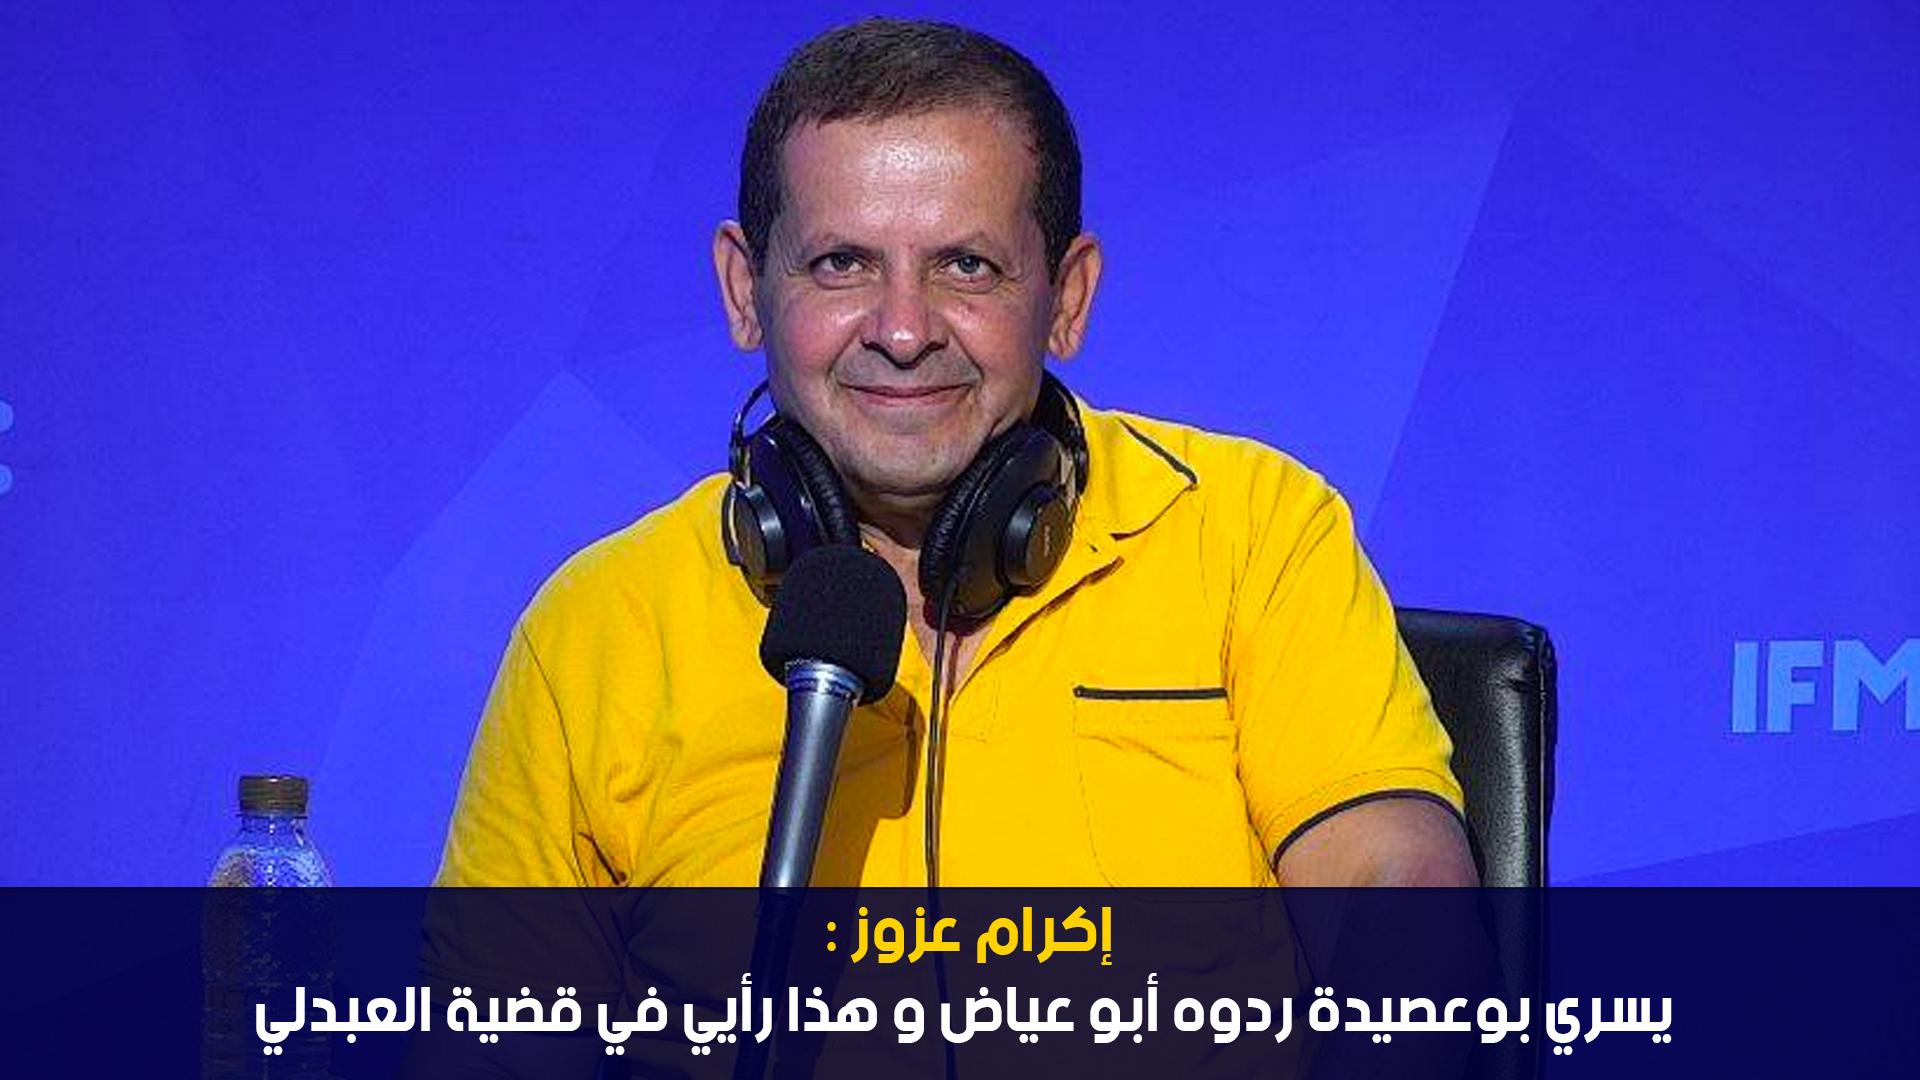 إكرام عزوز : يسري بوعصيدة ردوه أبو عياض و هذا رأيي في قضية العبدلي